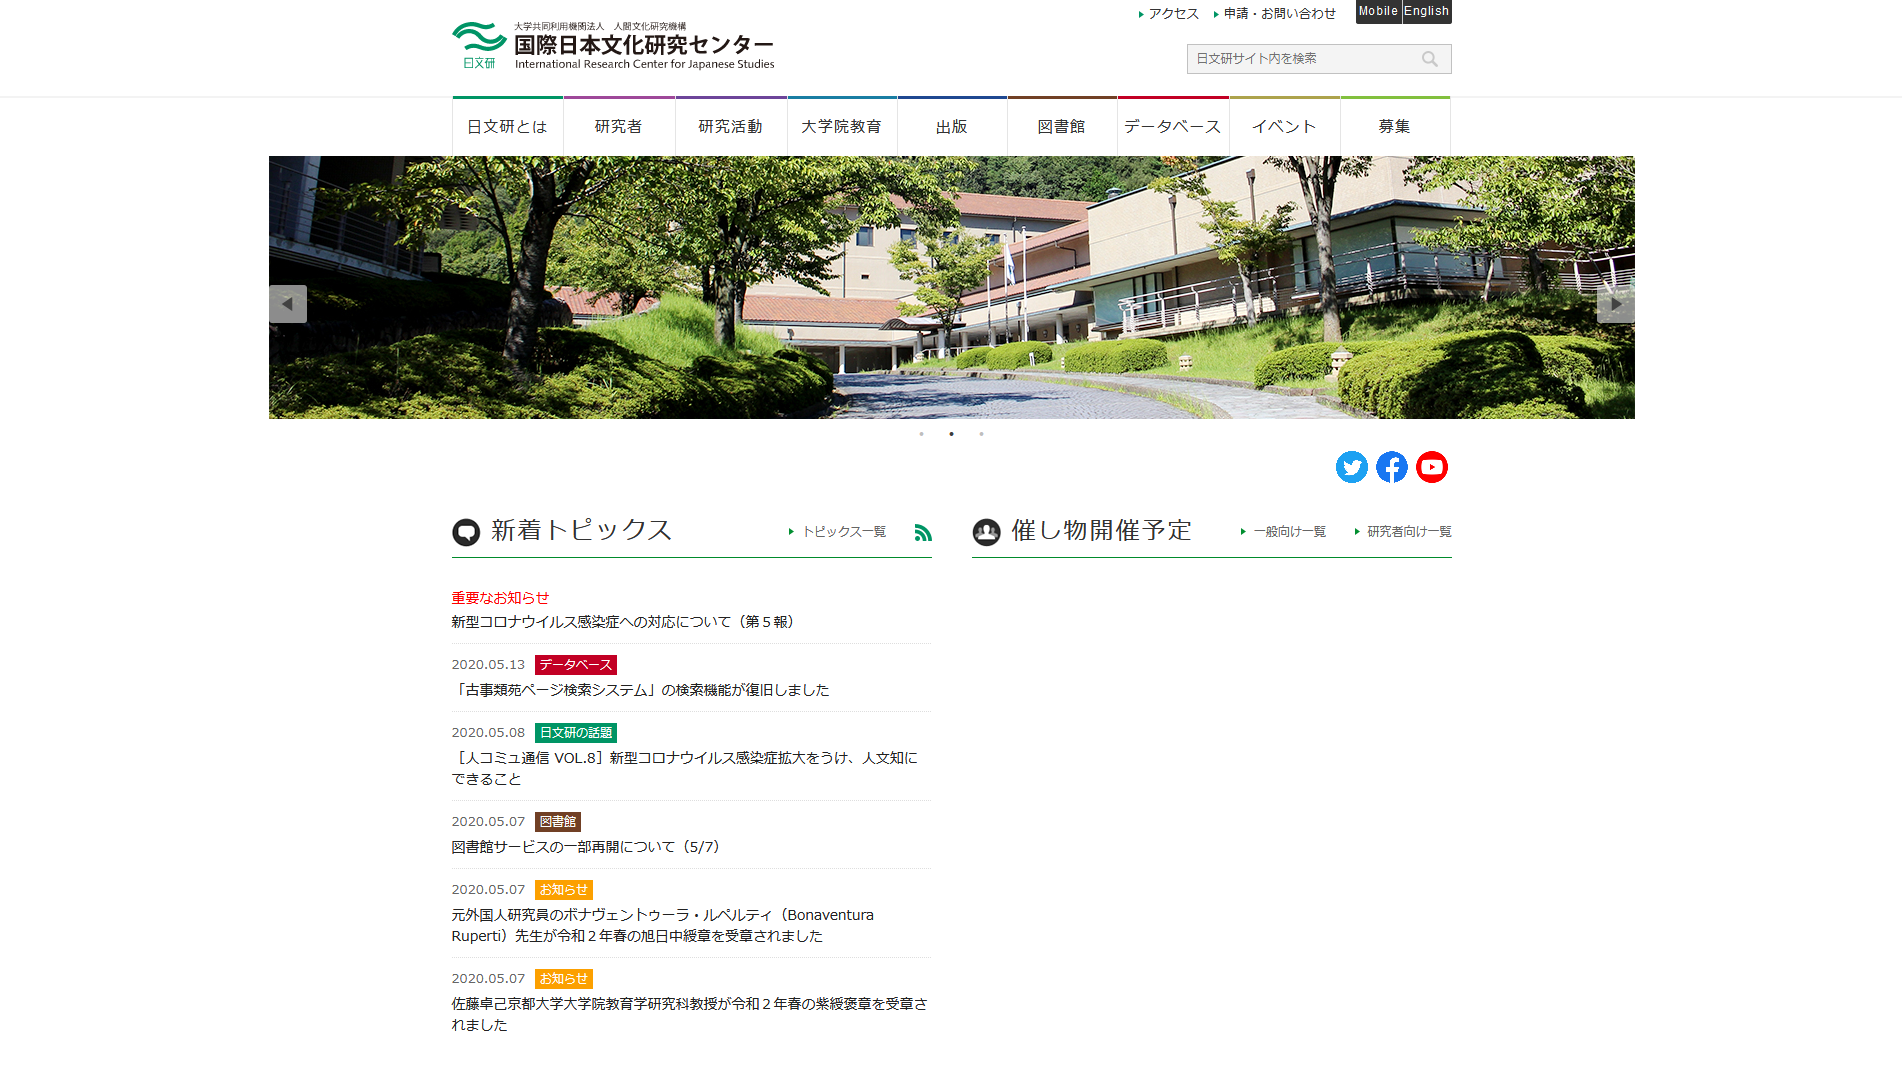 国際日本文化研究センター(日文研)|日本文化に関する国際的・学際的な総合研究所